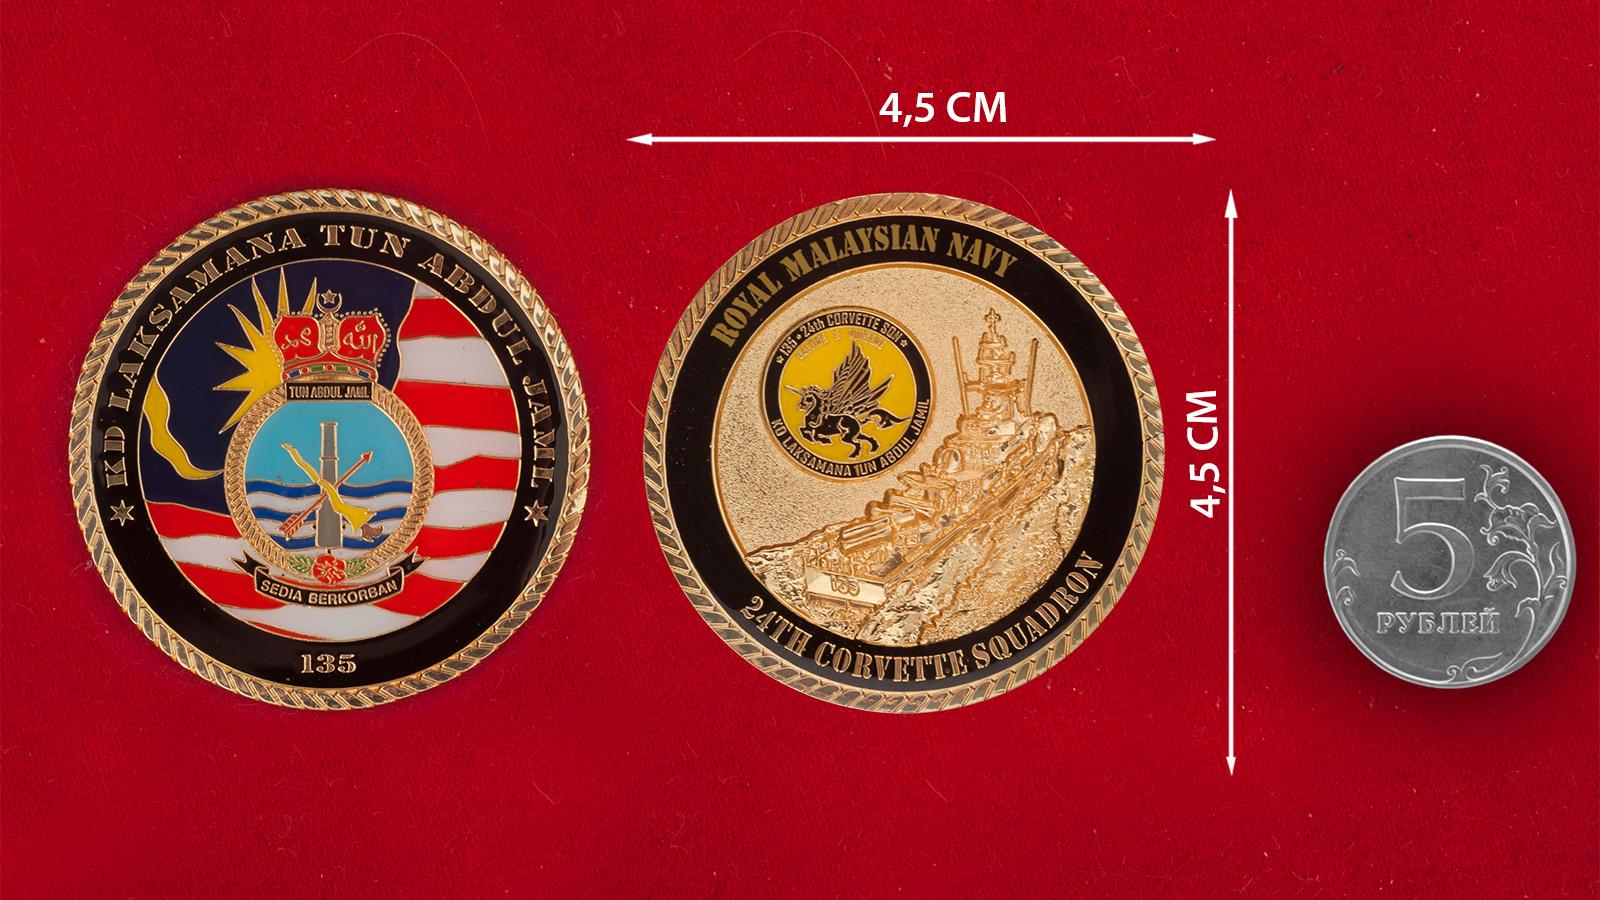 """Челлендж коин корвета Королевских ВМС Малйзии """"Лаксамана Тун Абдул Джамил"""" - сравнительный размер"""